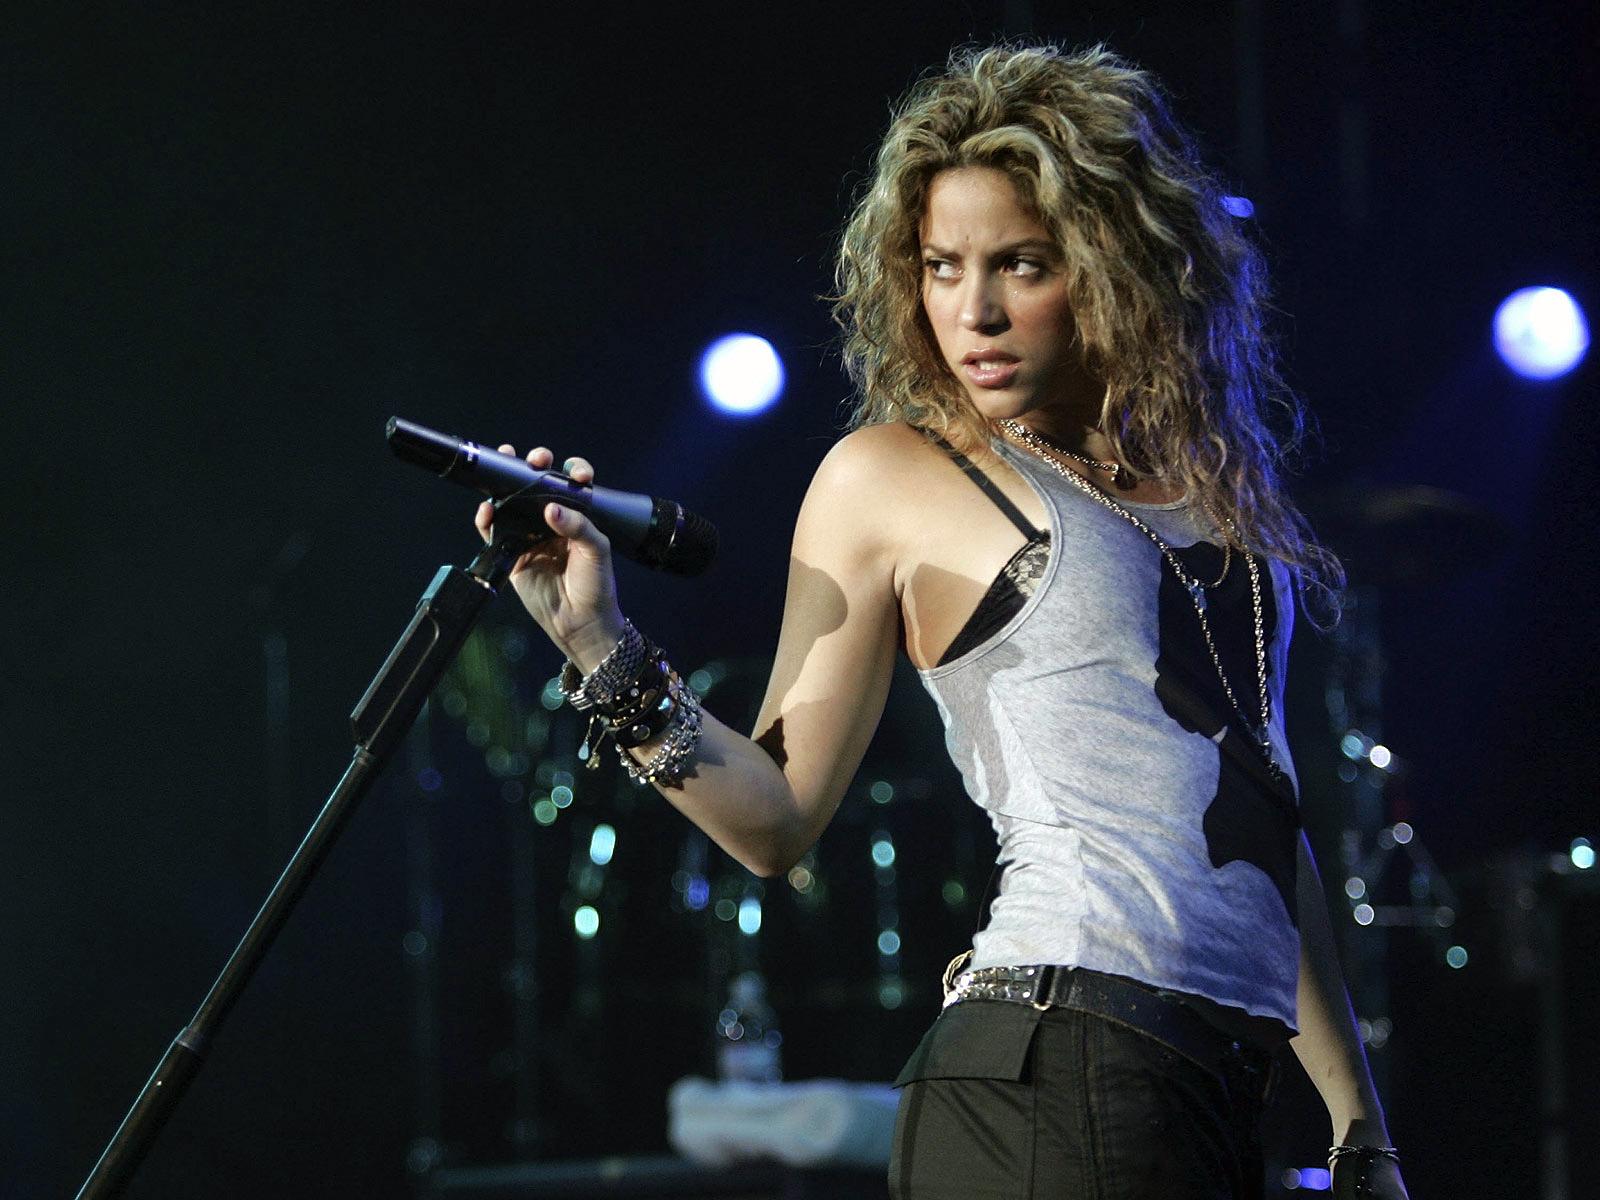 Photos Shakira Music 1600x1200